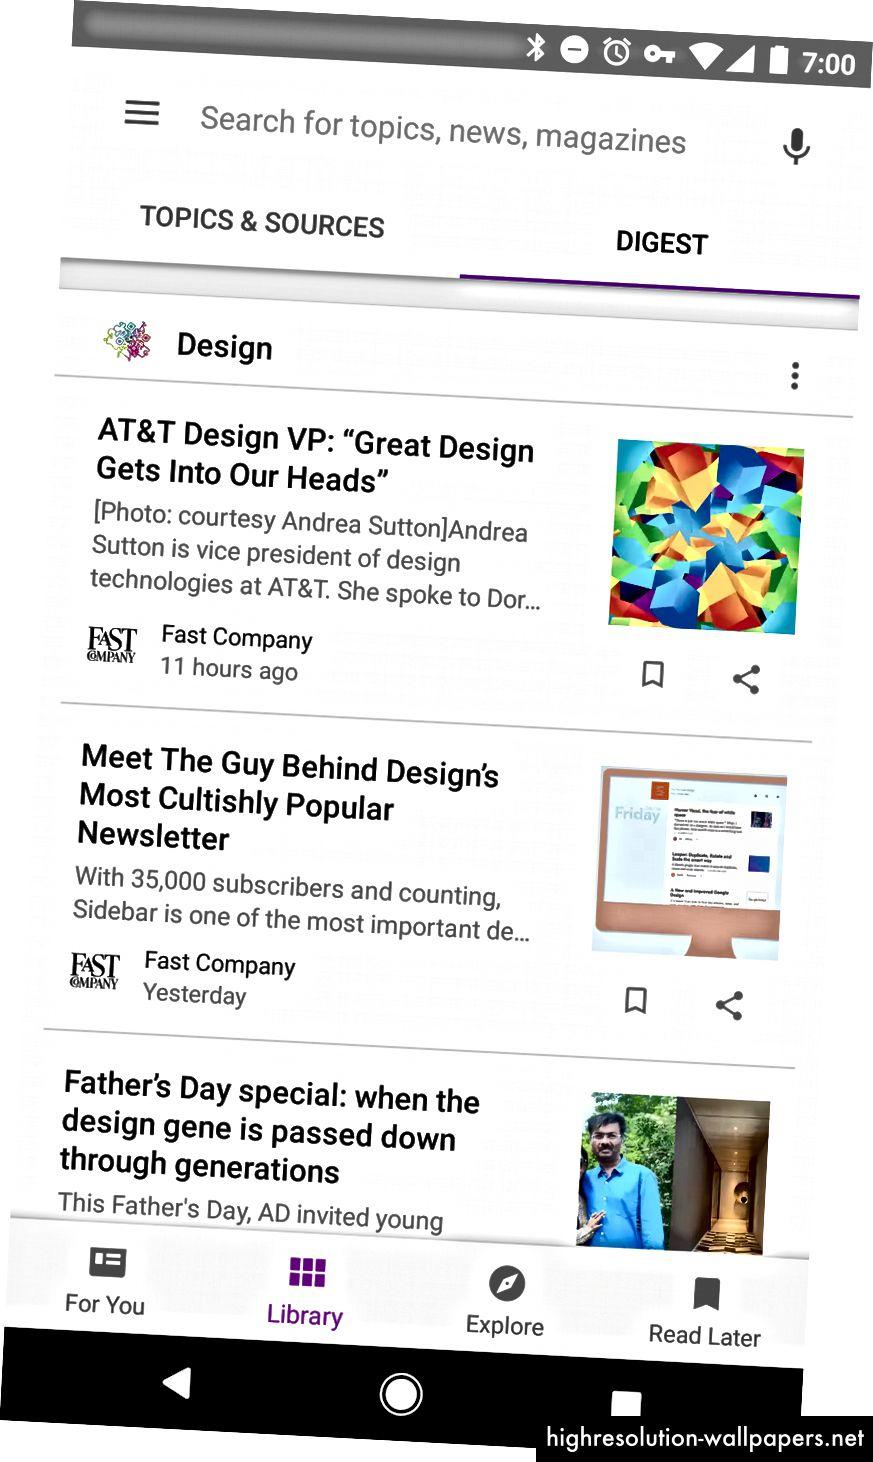 Възпроизвеждане на музика, Google+, Play Newsstand